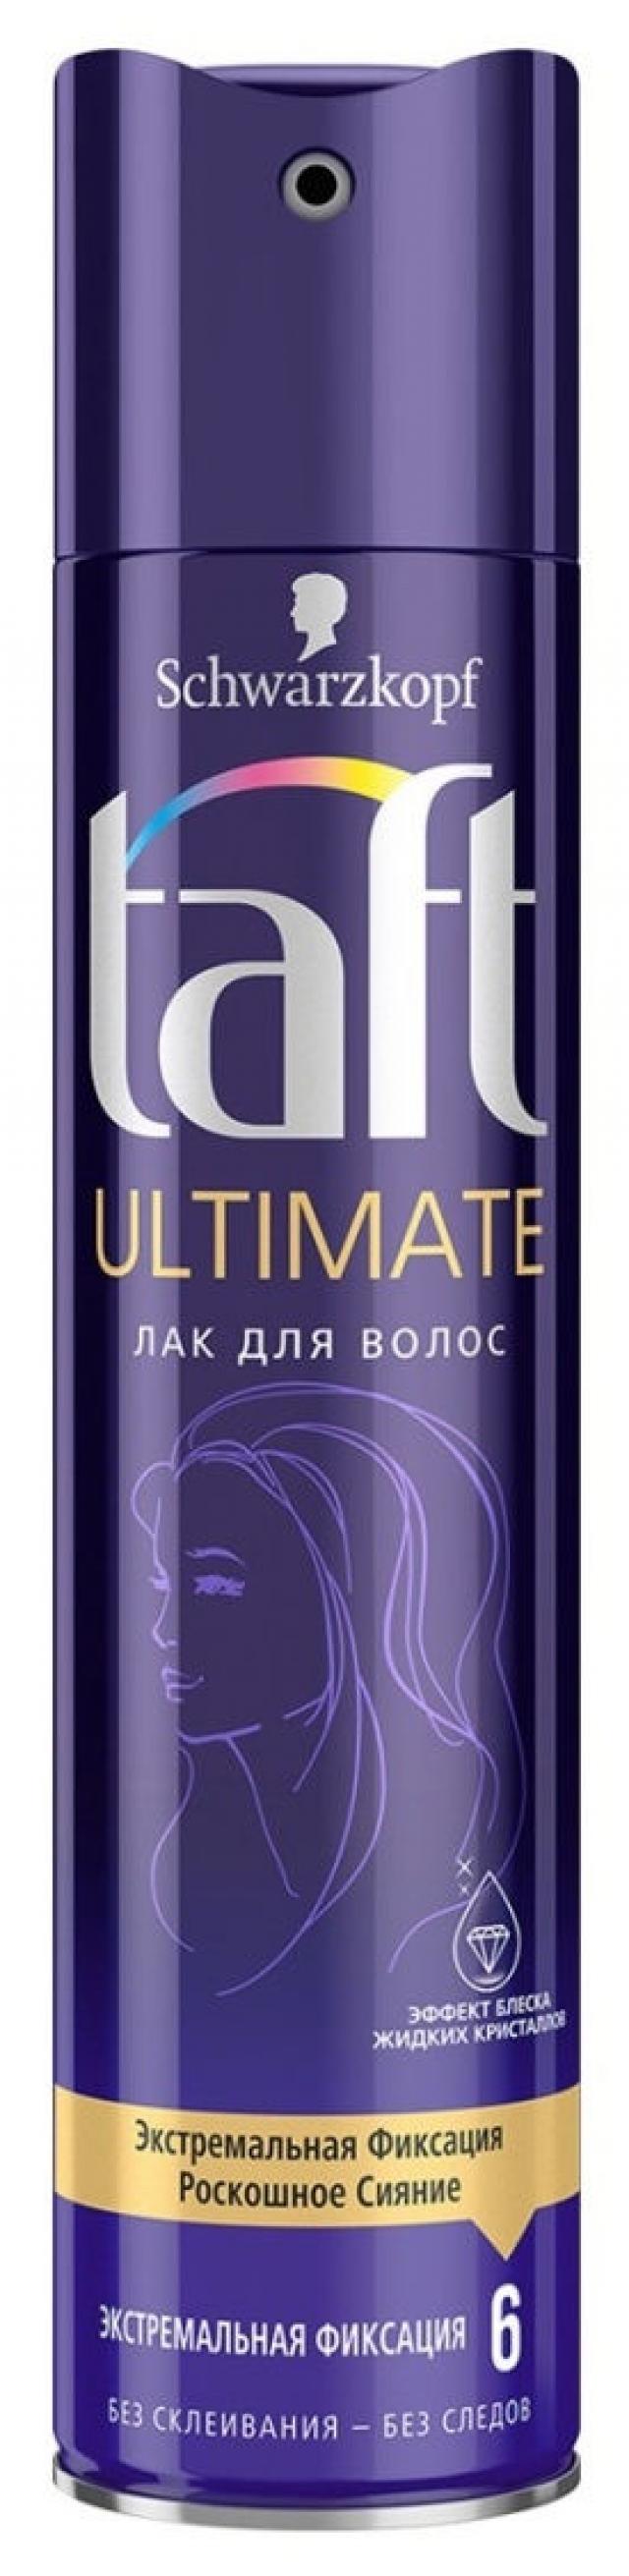 Тафт лак для волос Гиперфиксация Ультимат 225мл купить в Москве по цене от 0 рублей